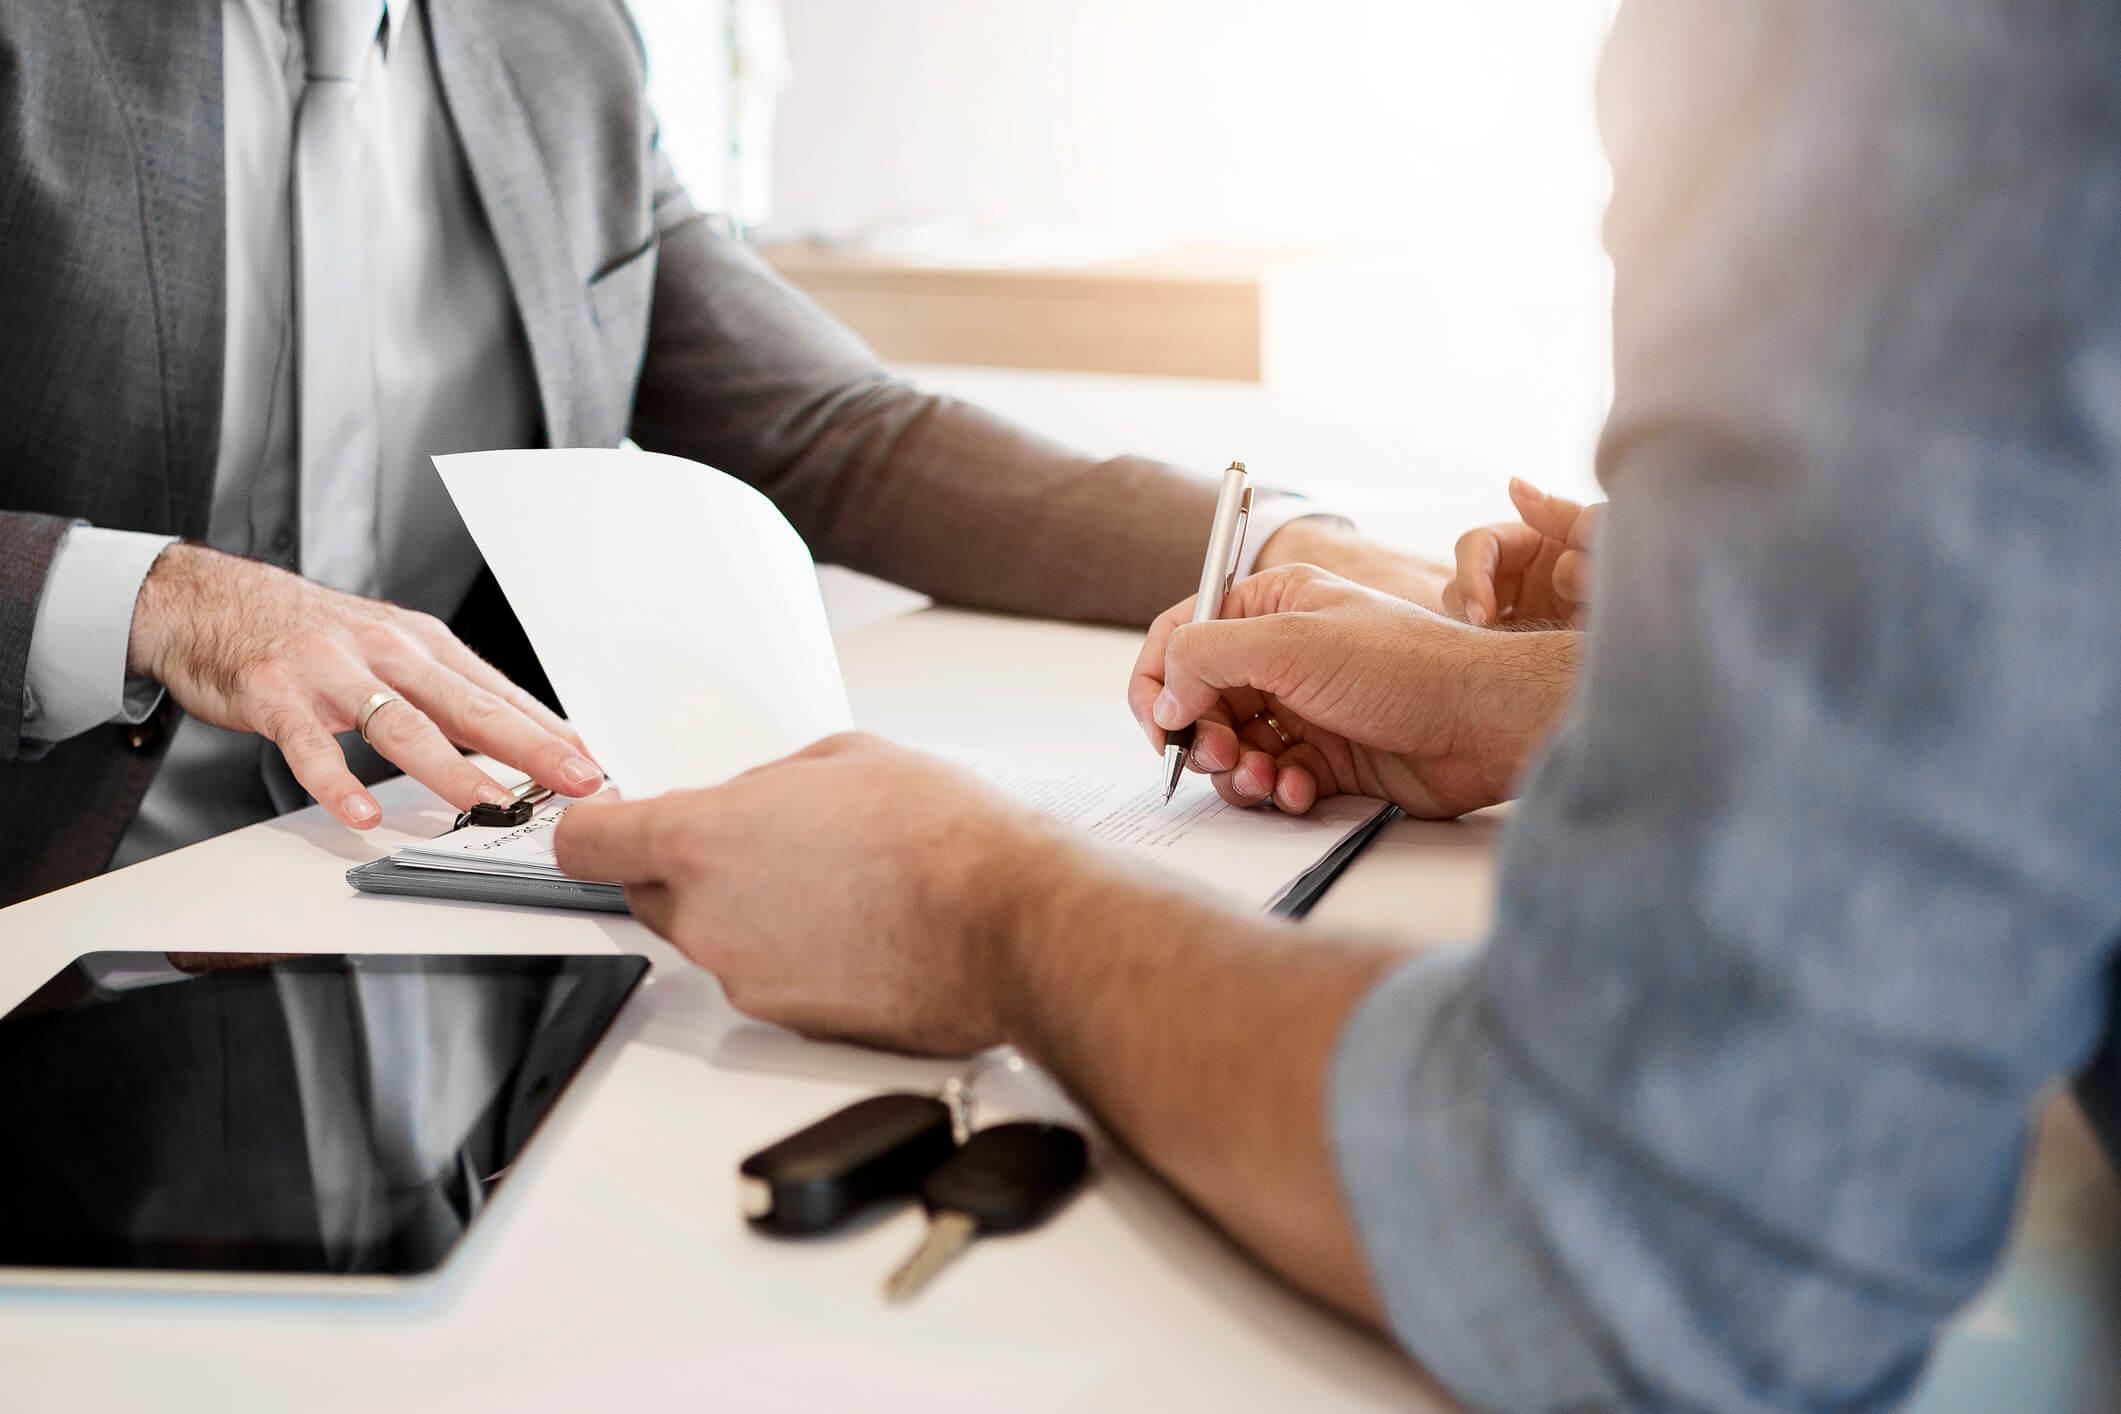 Quer evitar preocupações na compra do tão sonhado imóvel? Entenda melhor o que é, como funciona e quais são os riscos do contrato de imóvel de gaveta.